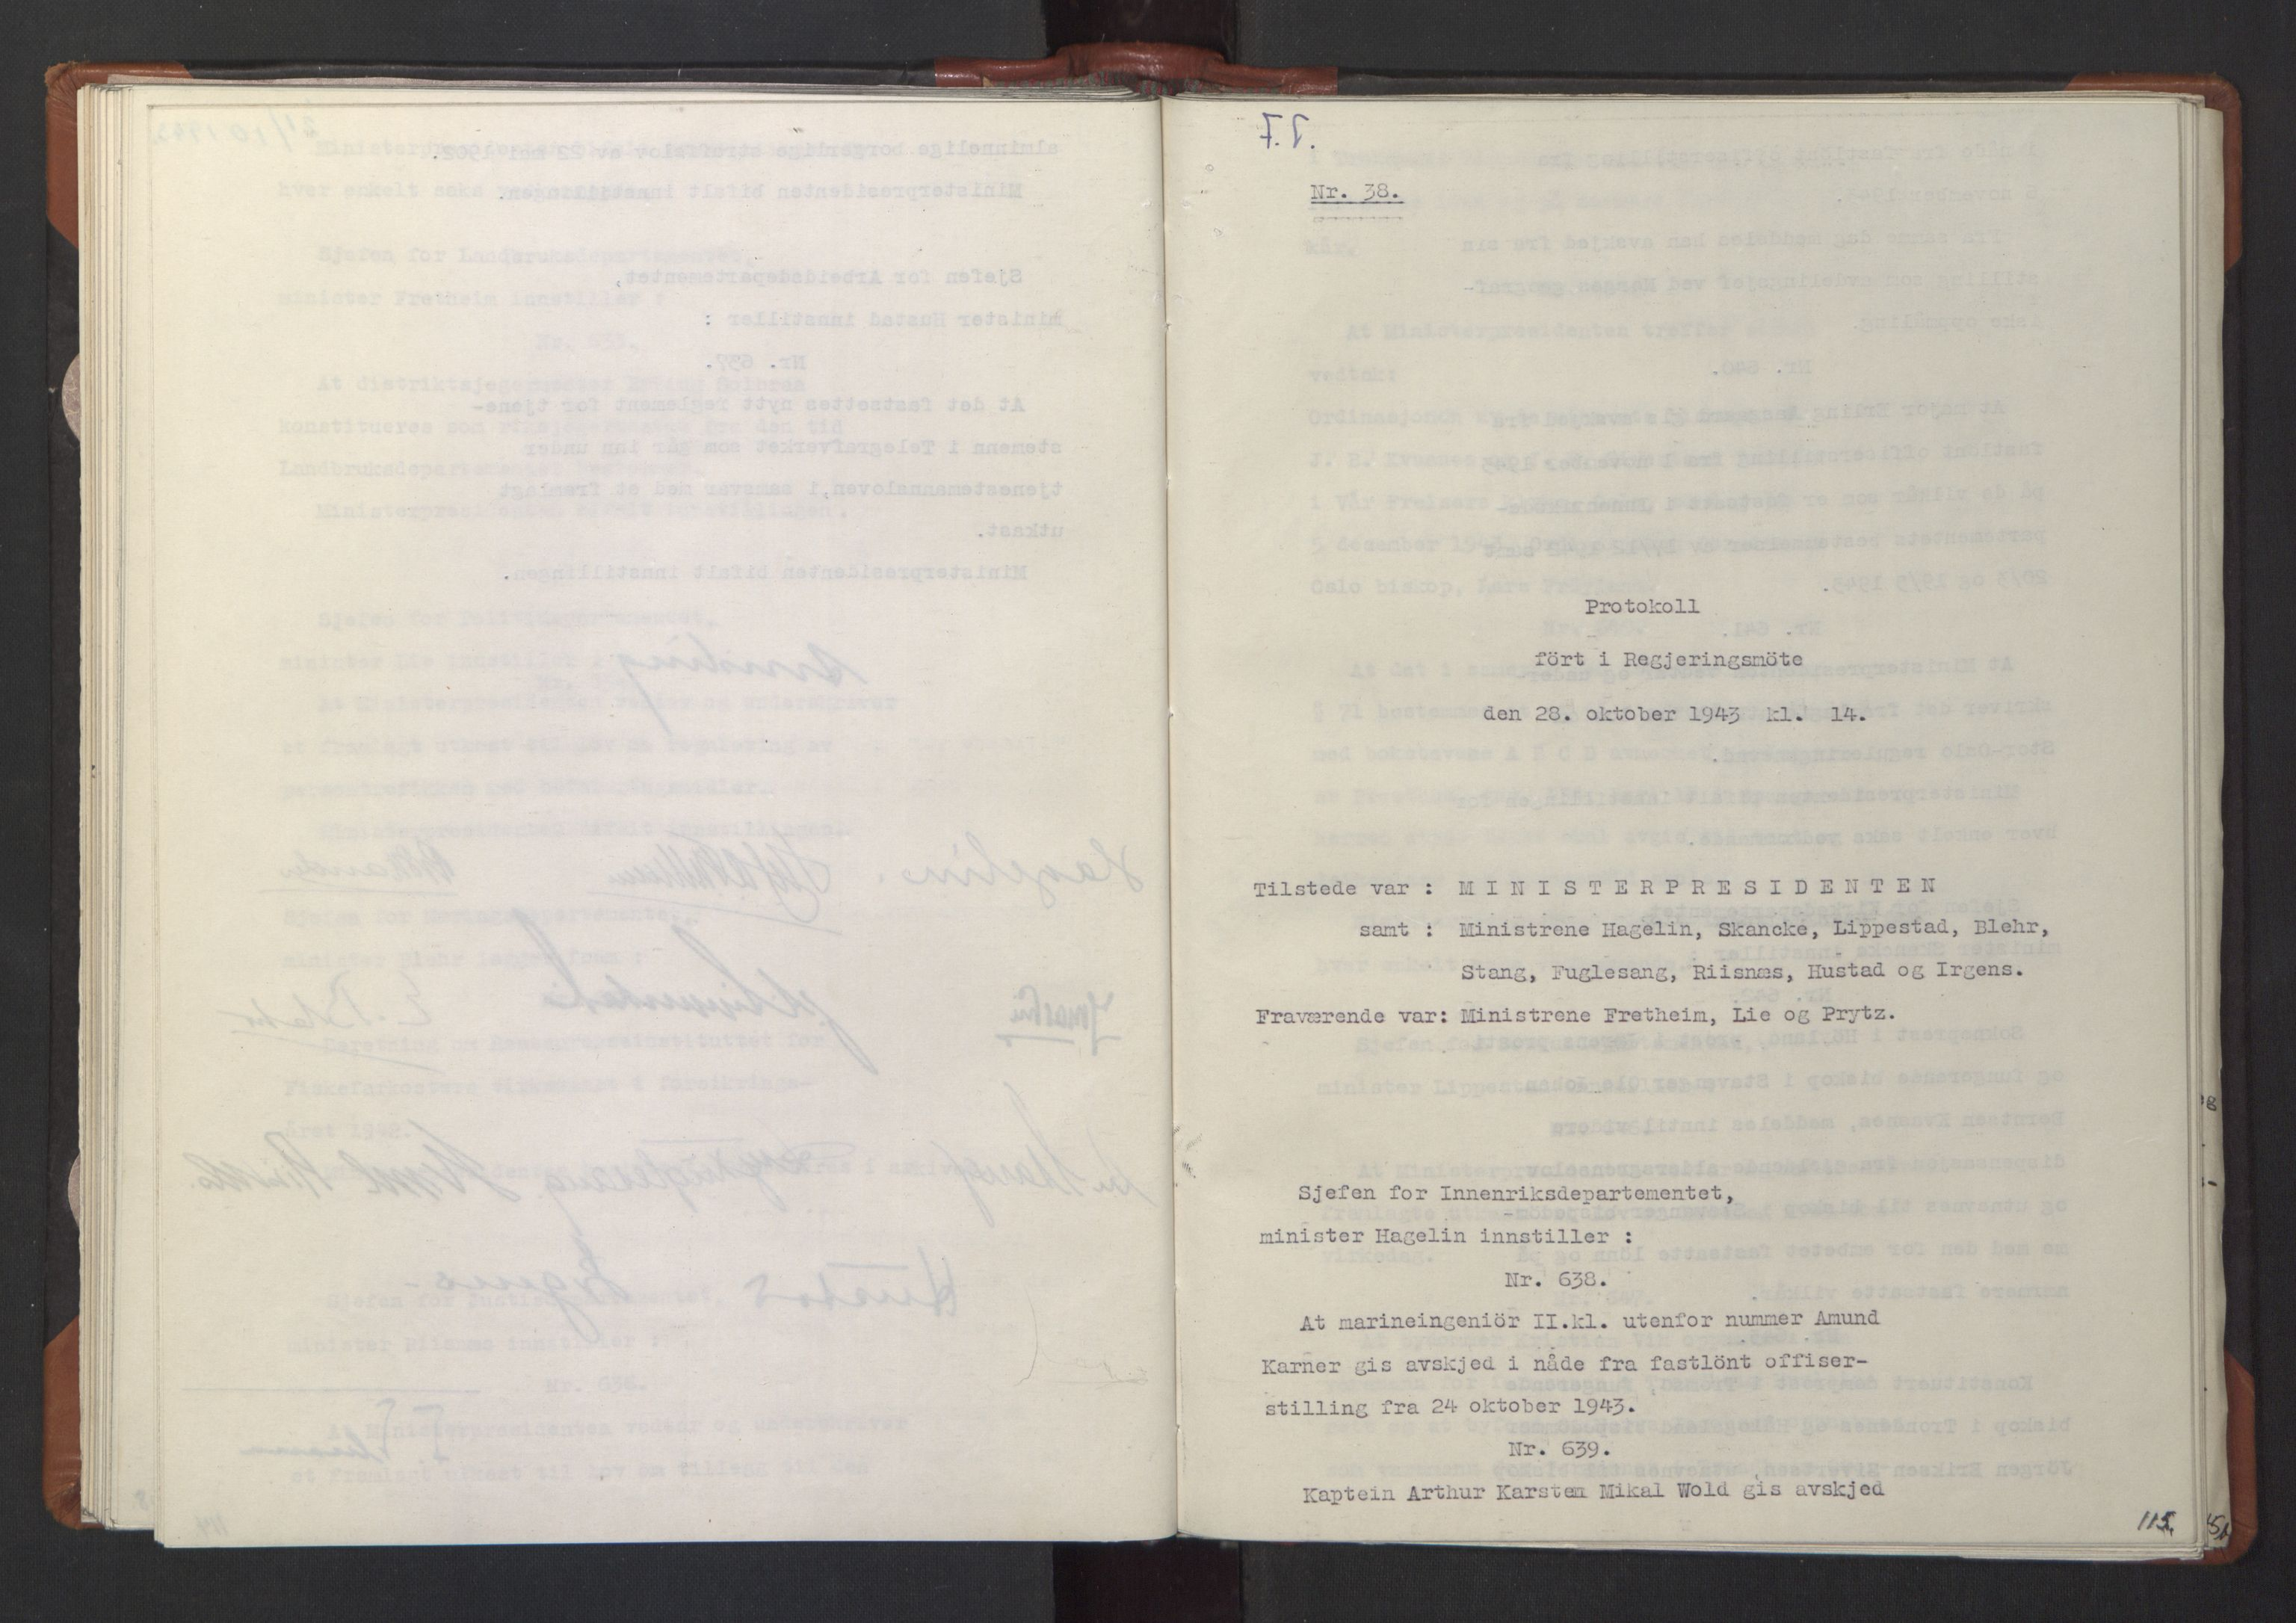 RA, NS-administrasjonen 1940-1945 (Statsrådsekretariatet, de kommisariske statsråder mm), D/Da/L0003: Vedtak (Beslutninger) nr. 1-746 og tillegg nr. 1-47 (RA. j.nr. 1394/1944, tilgangsnr. 8/1944, 1943, s. 114b-115a